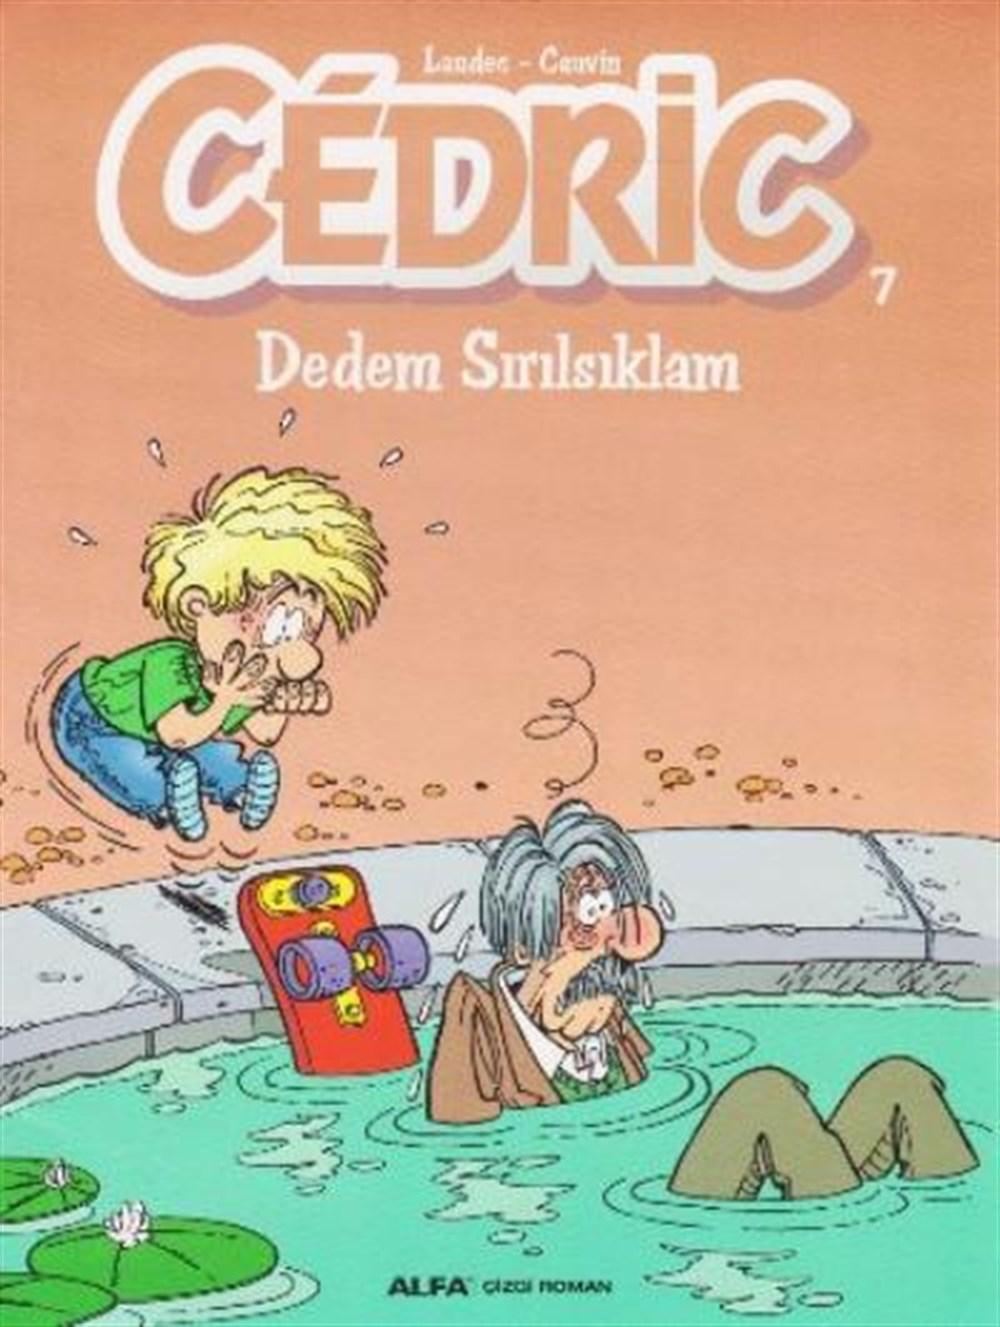 Cedric 7 - Dedem Sırılsıklam